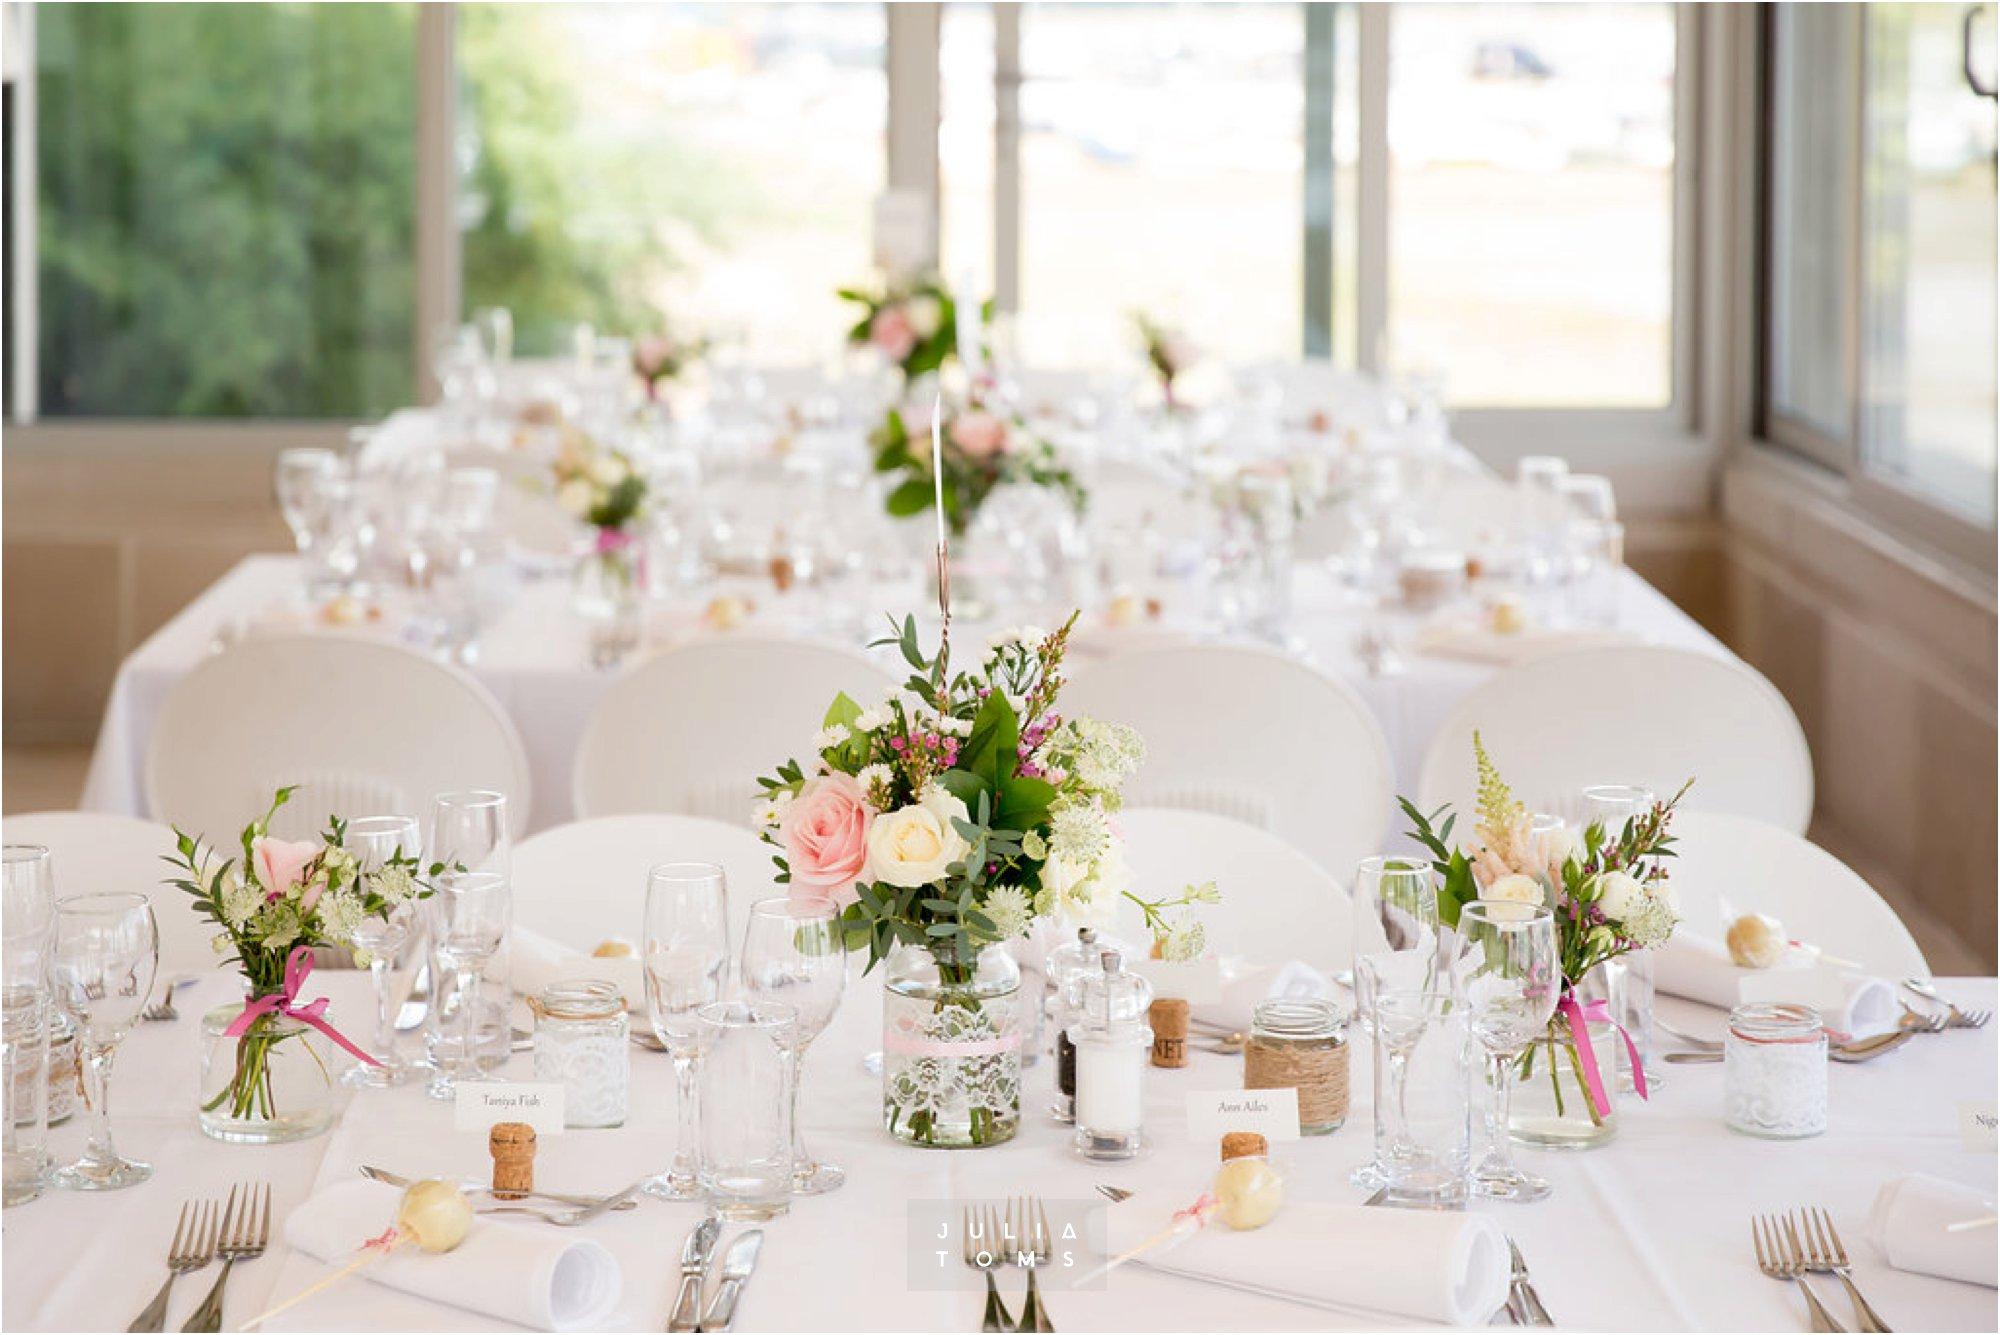 itchenor_wedding_chichester_photographer_075.jpg